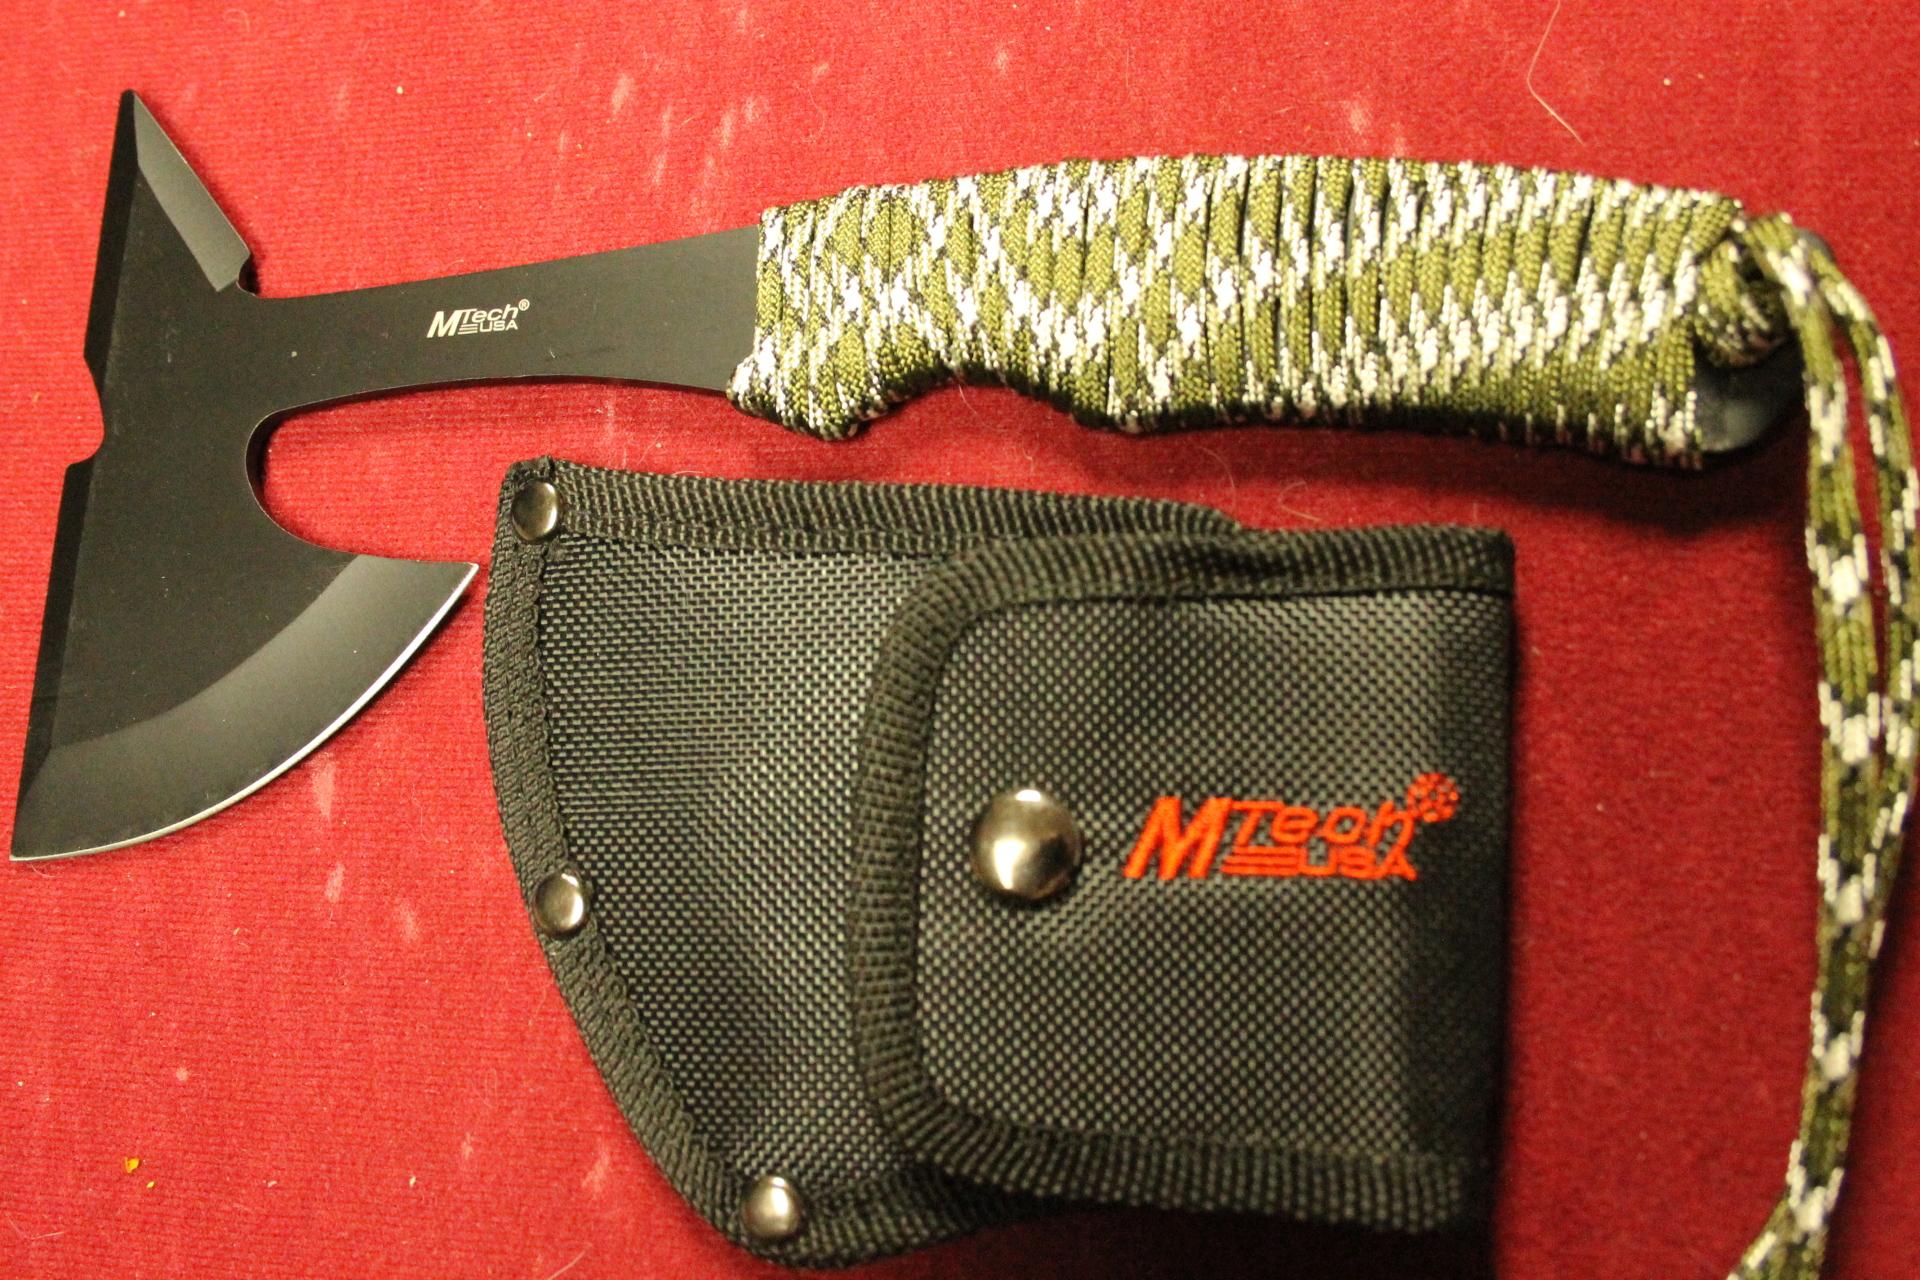 Mtech Tactical Survival Axe $9.99